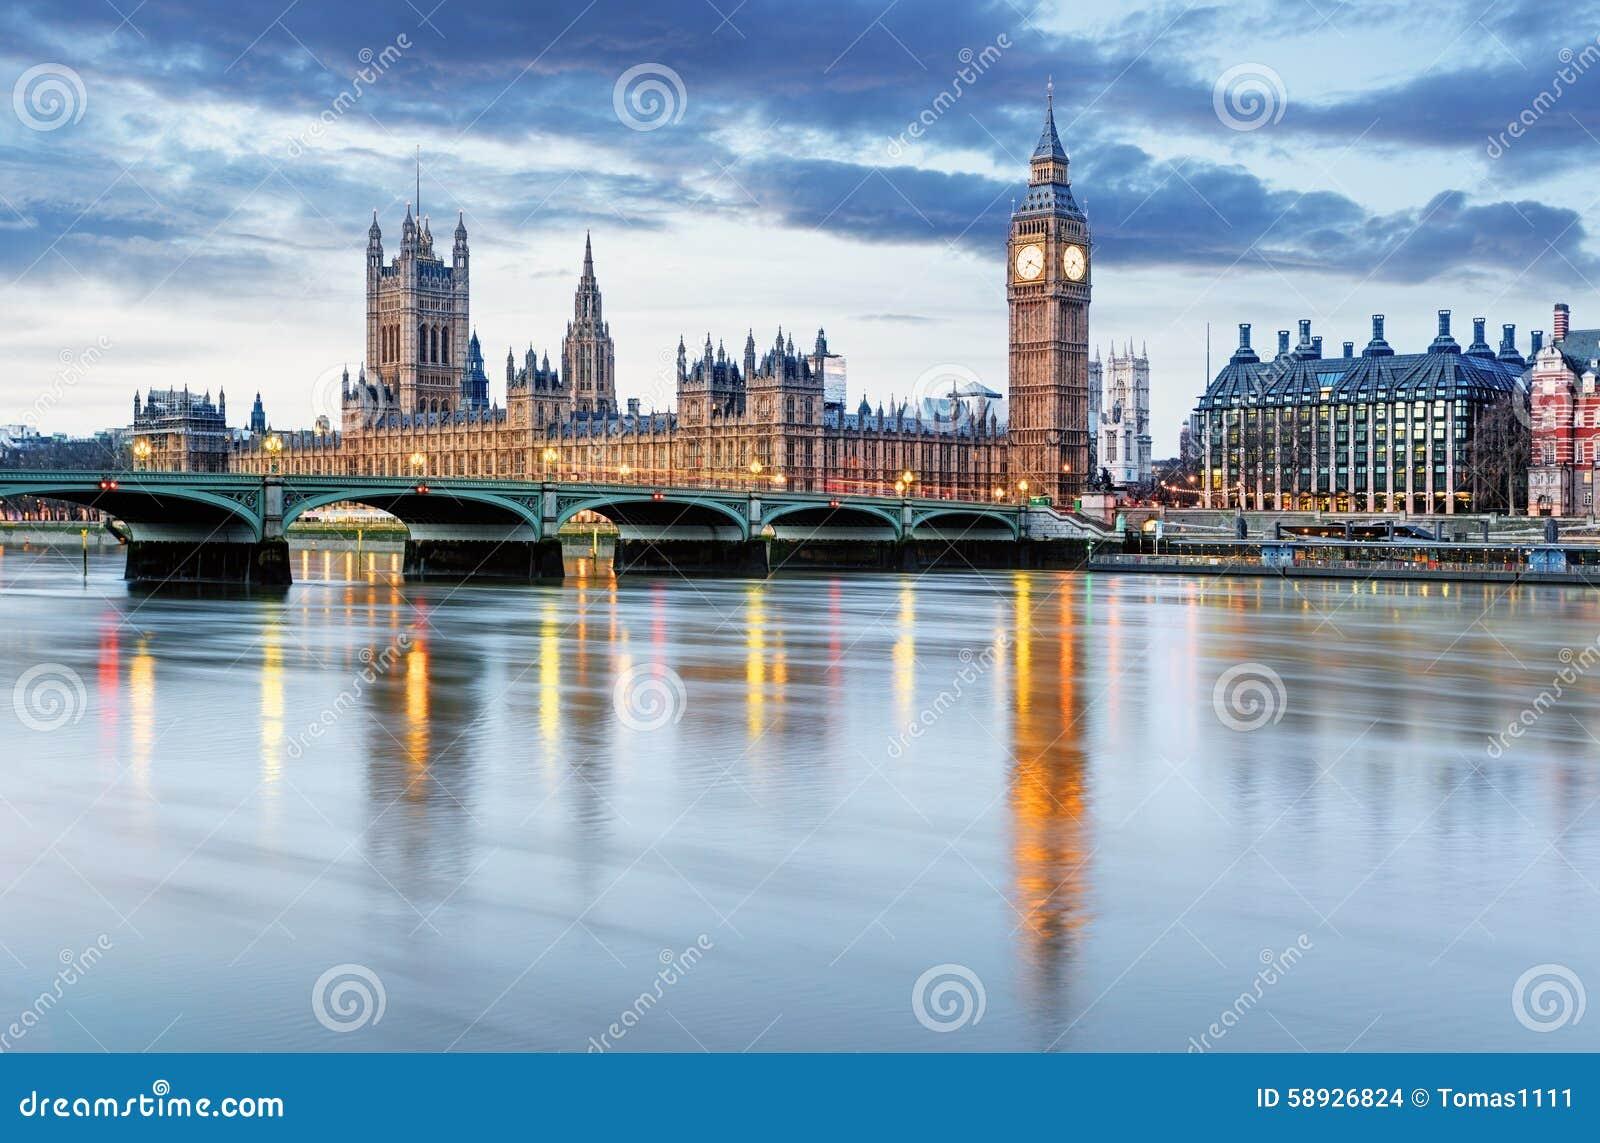 Λονδίνο - Big Ben και σπίτια του Κοινοβουλίου, UK